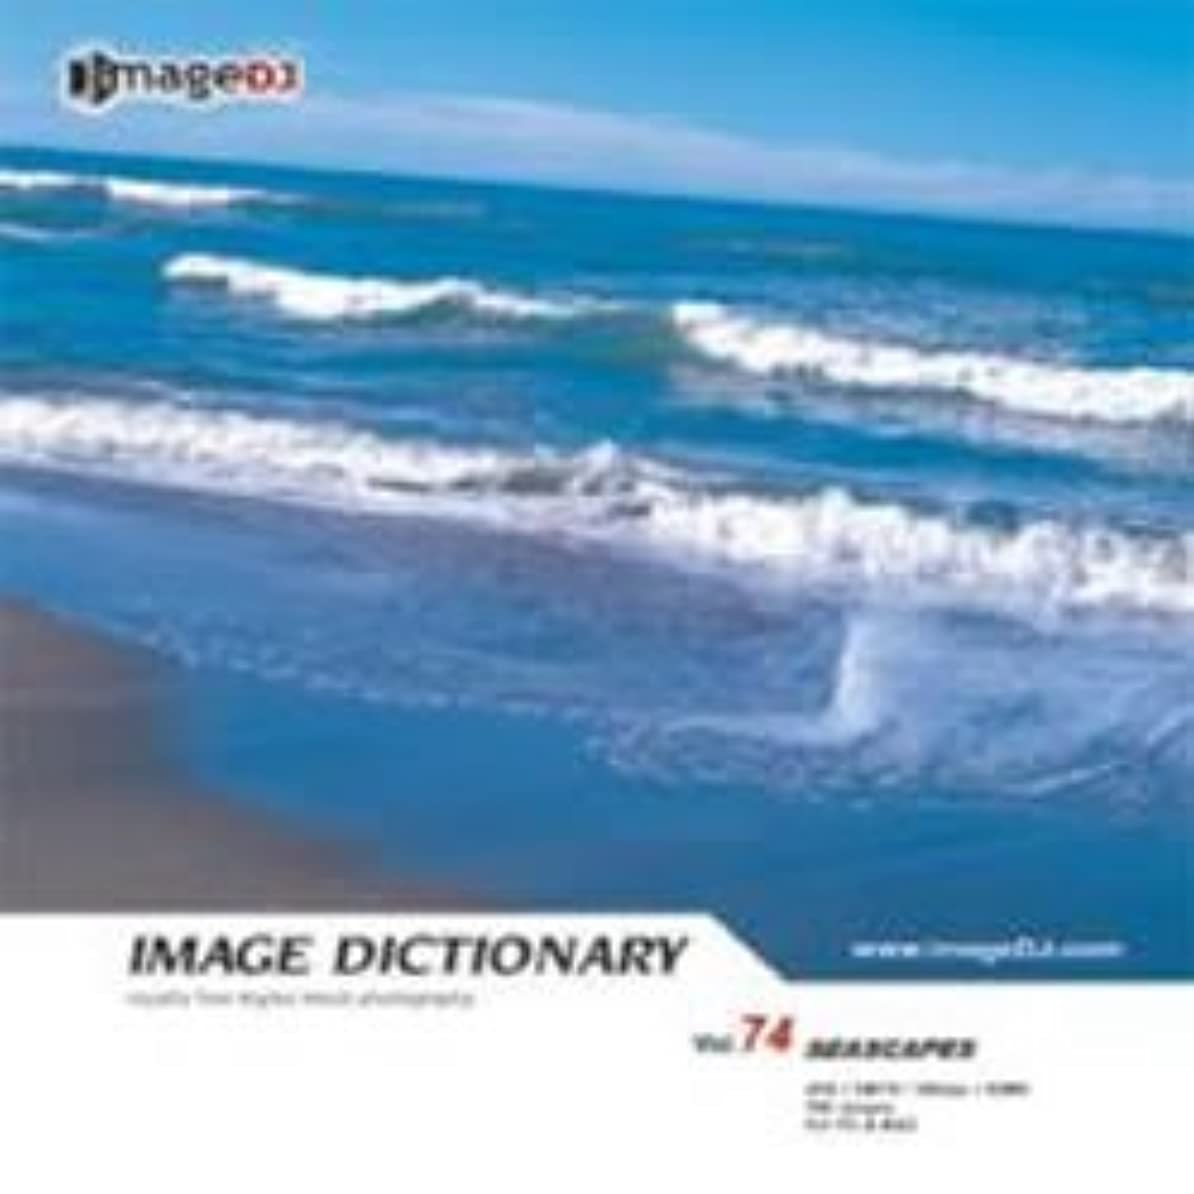 着陸価値池イメージ ディクショナリー Vol.74 海景